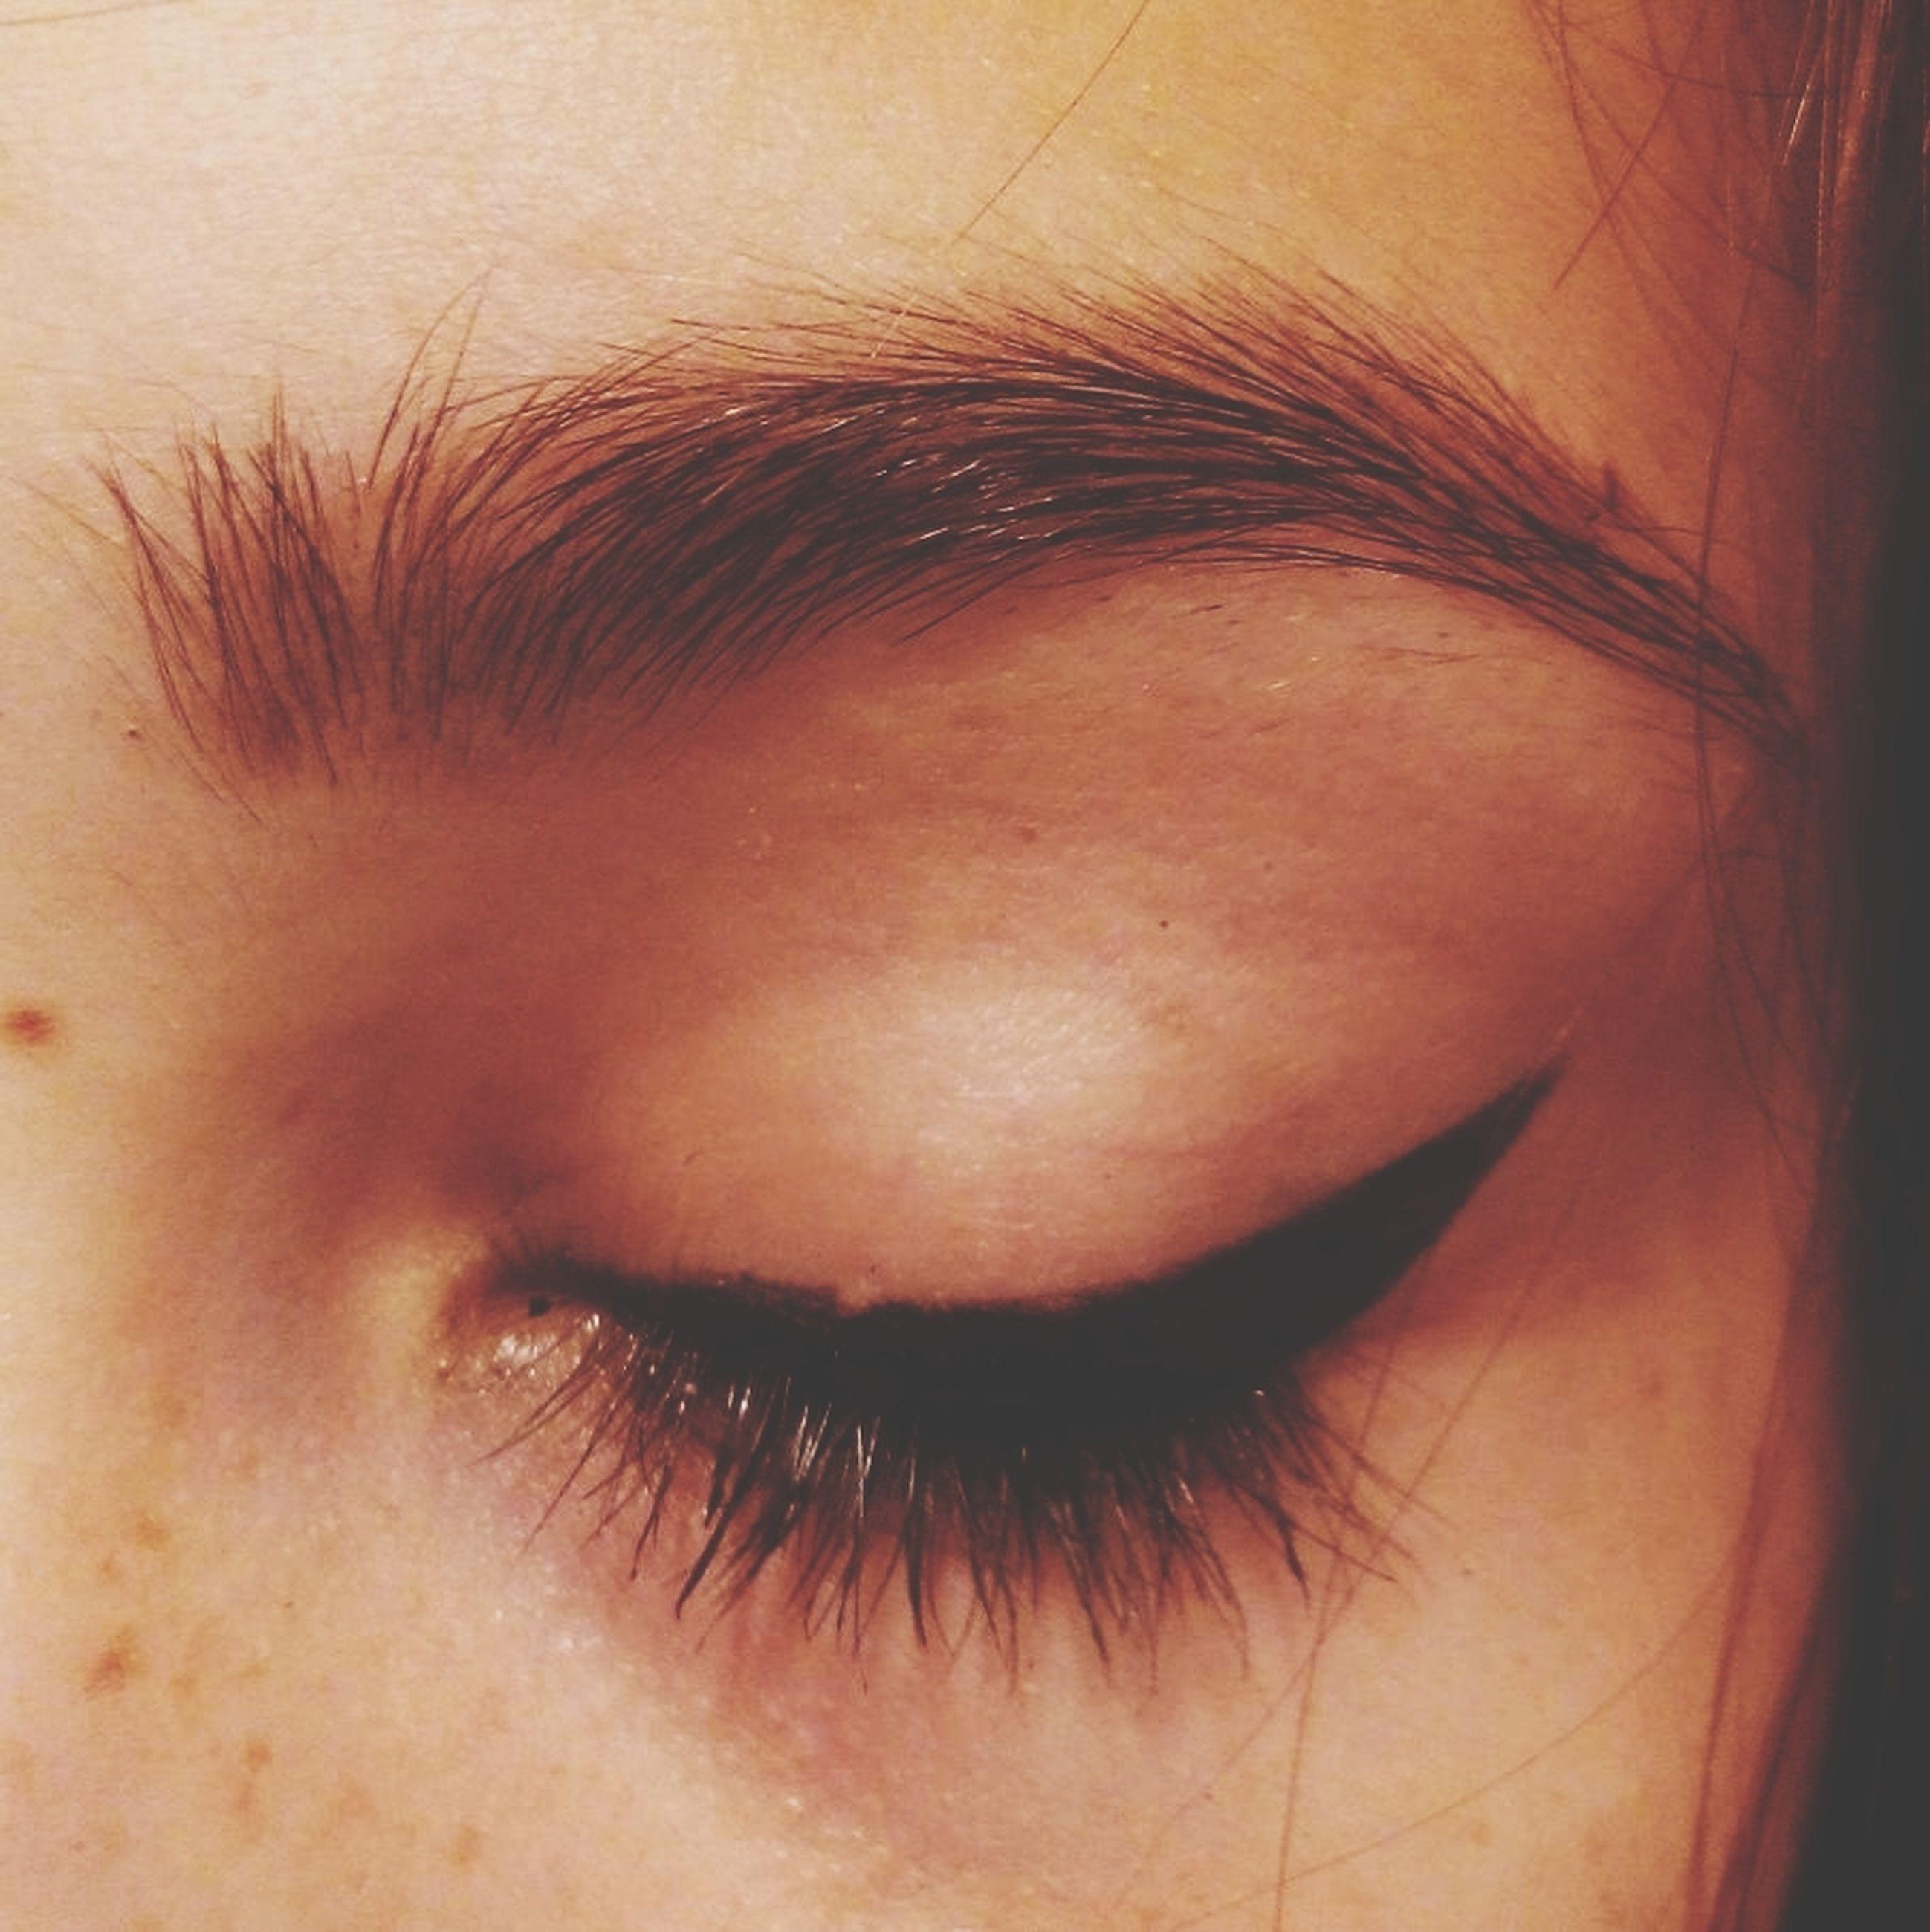 human eye, close-up, eyelash, human skin, part of, person, eyesight, human face, lifestyles, sensory perception, looking at camera, young adult, young women, extreme close-up, eyeball, headshot, extreme close up